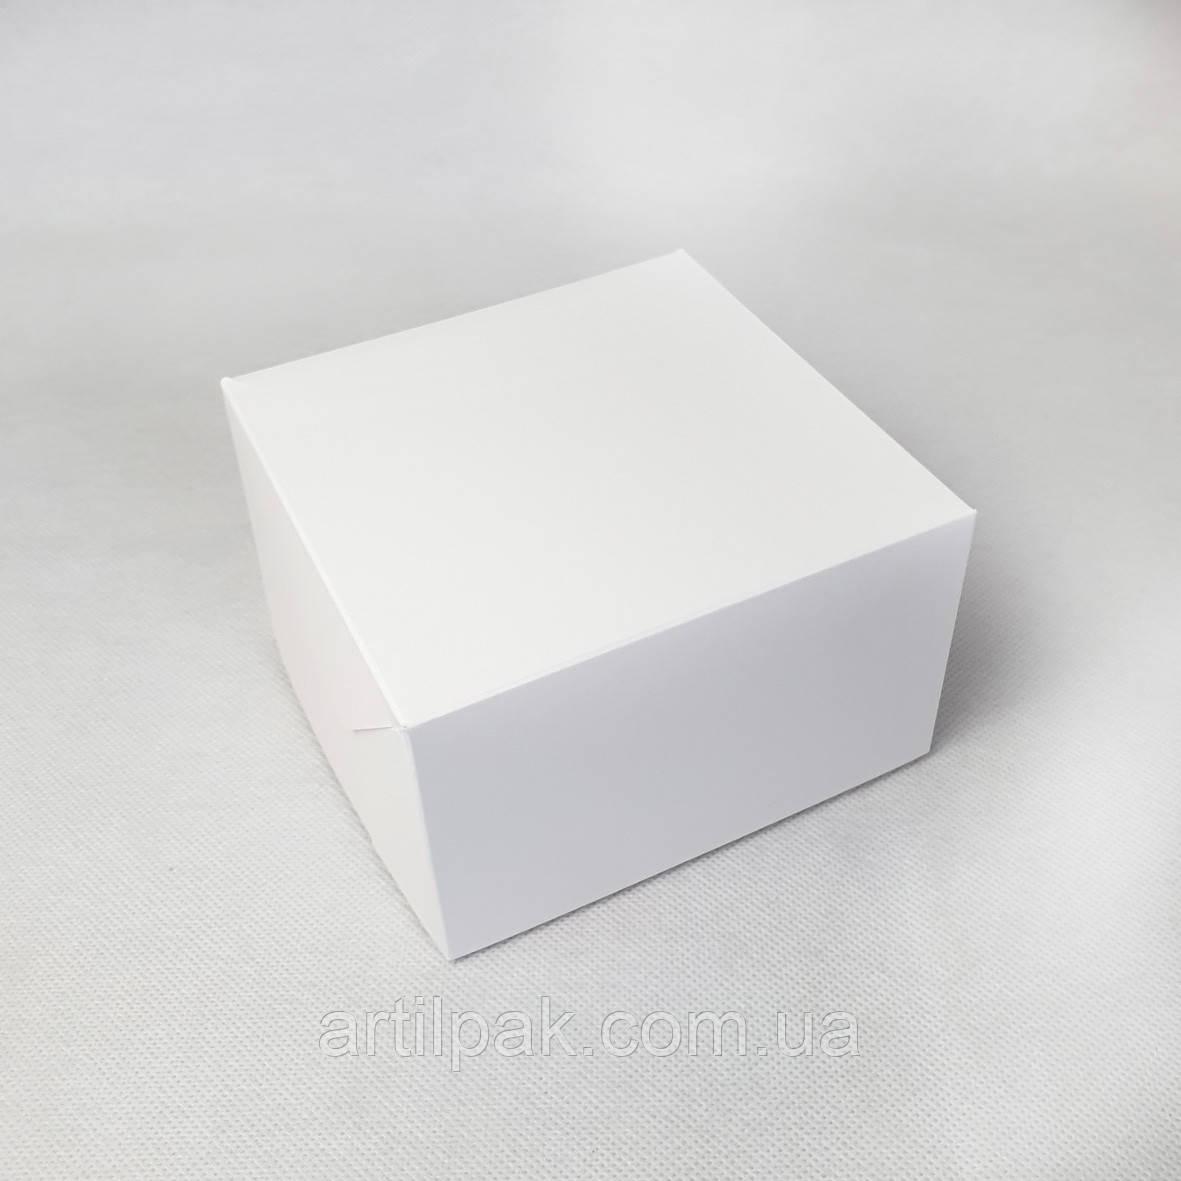 КОНТЕЙНЕР-КОРОБКА 130*130*80 біла